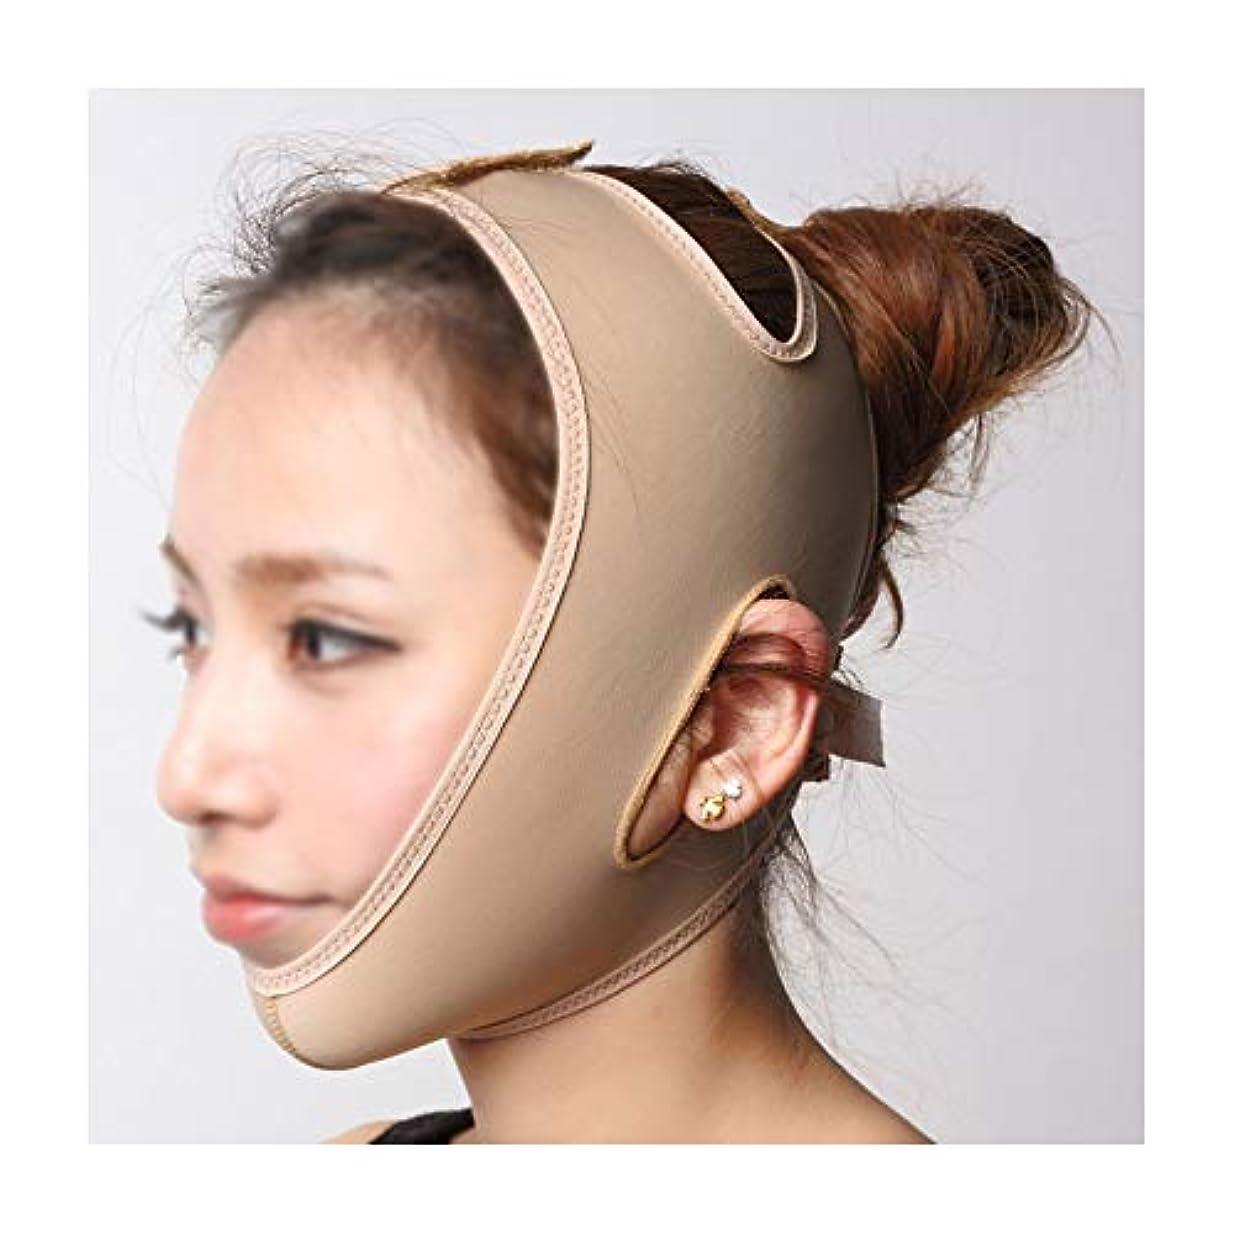 案件バングスクレーパーLJK 引き締めフェイスマスク、睡眠薄い顔包帯薄いフェイスマスクフェイスリフティングフェイスメロンフェイスVフェイスリフティング引き締め二重あご美容ツール (Size : XXL)